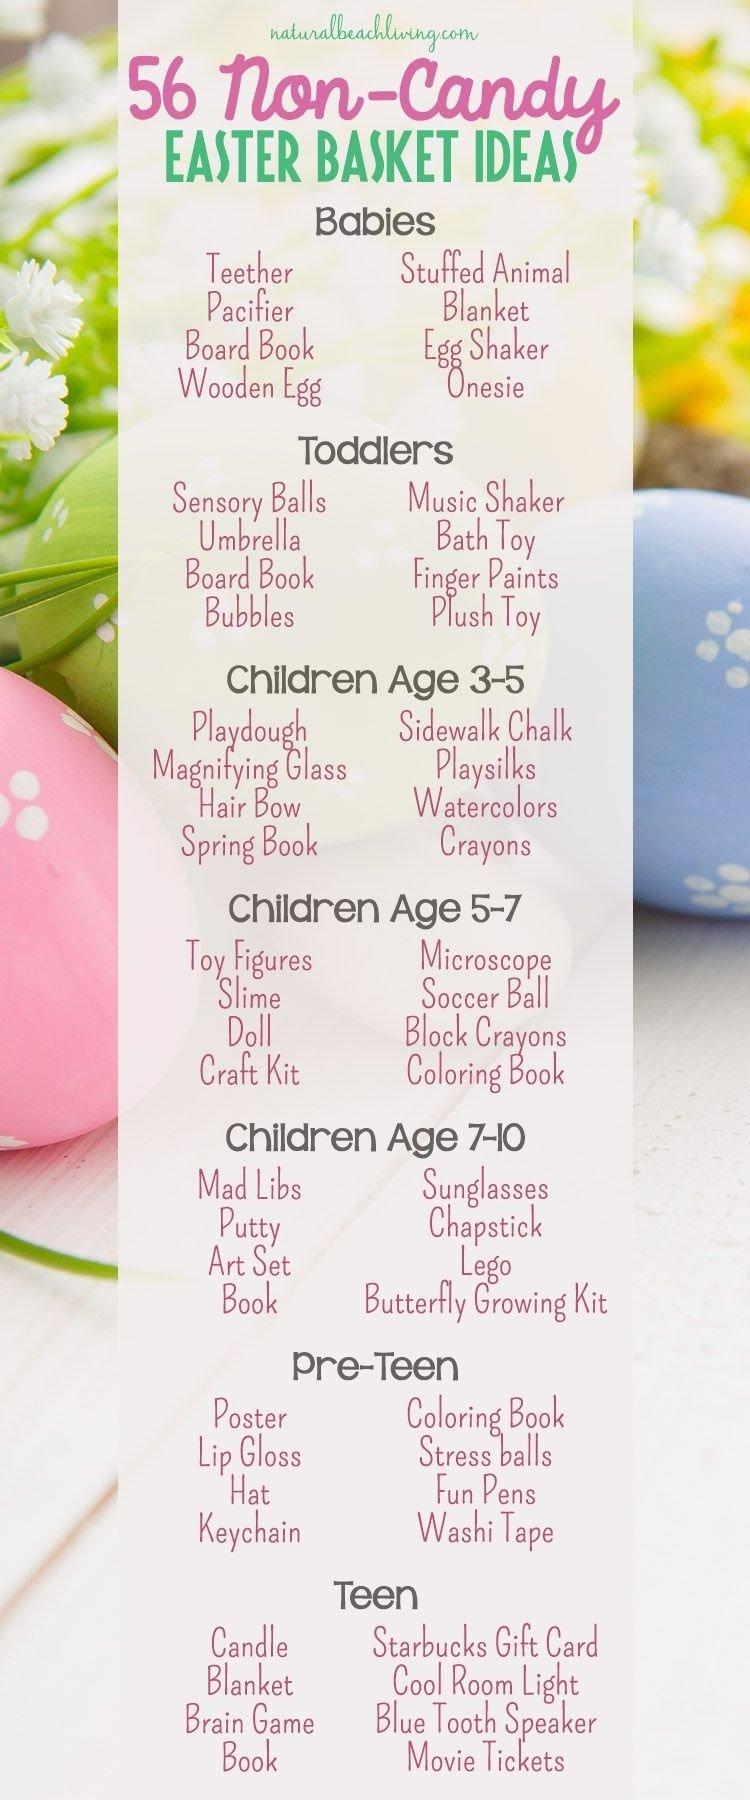 10 Cute Non Candy Easter Basket Ideas 56 non candy easter basket ideas for kids teen gifts basket ideas 2020